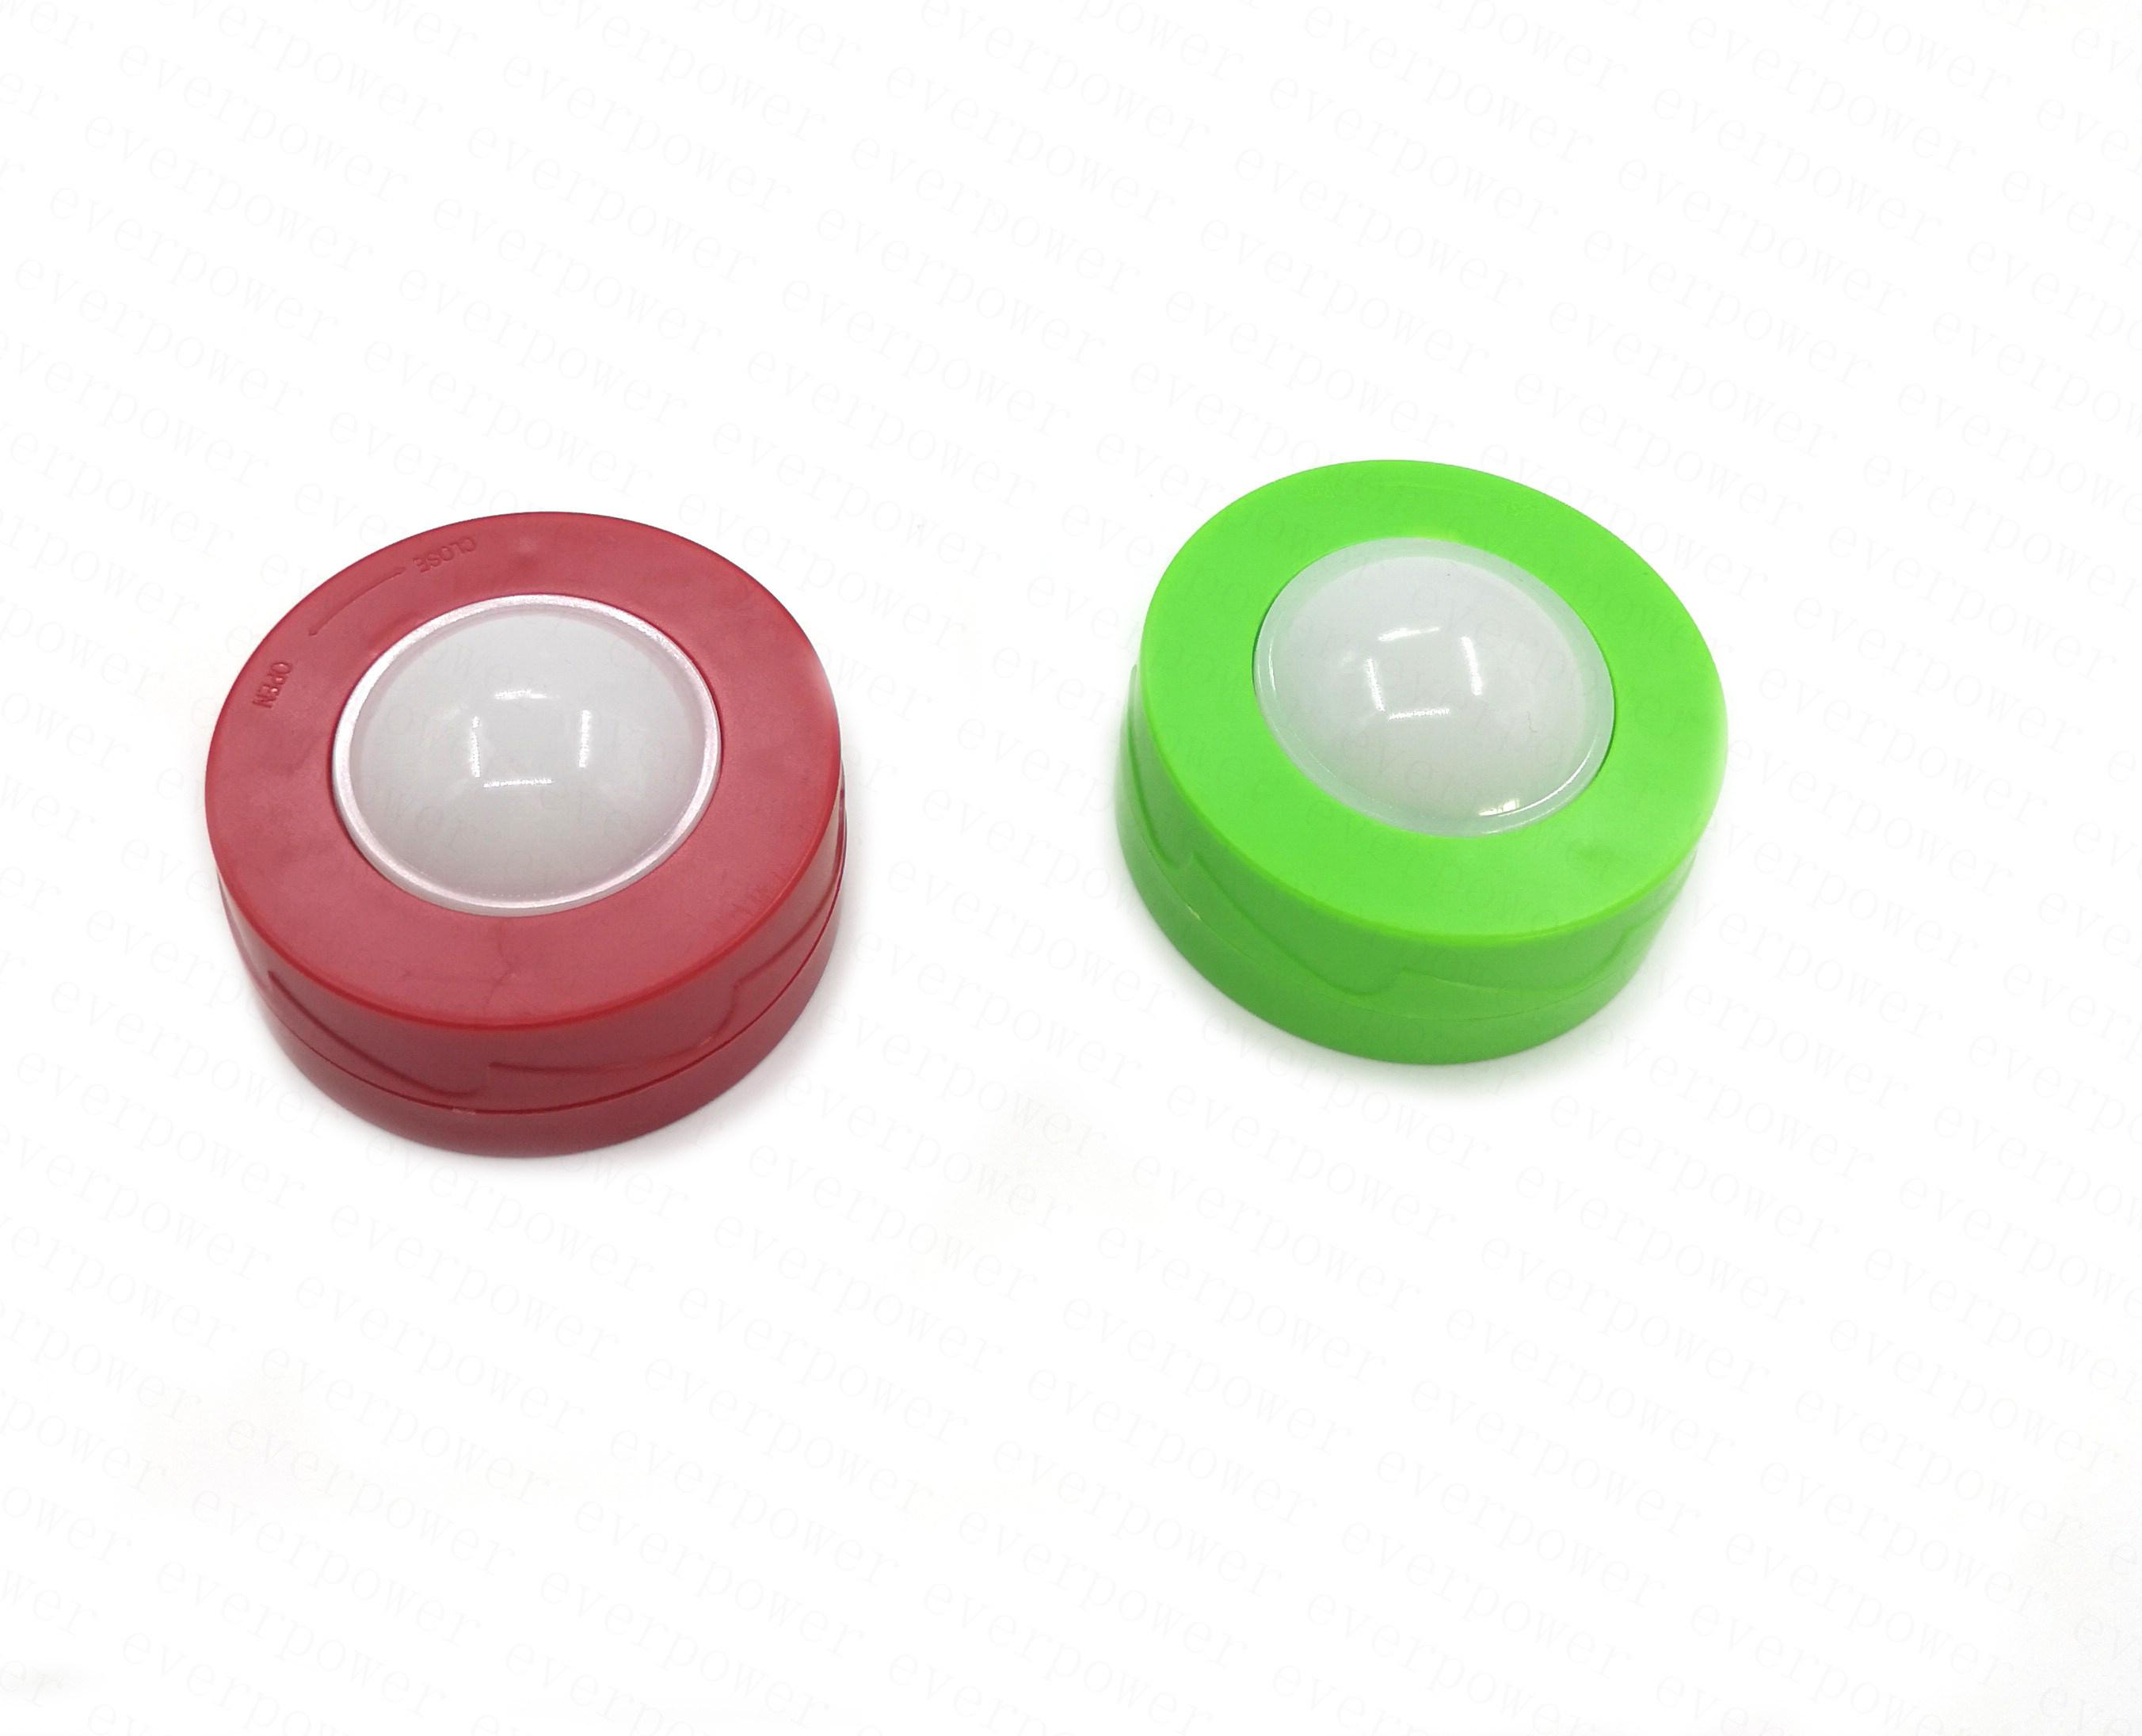 China Mini Battery Powered Push Led Touch Night Lamp